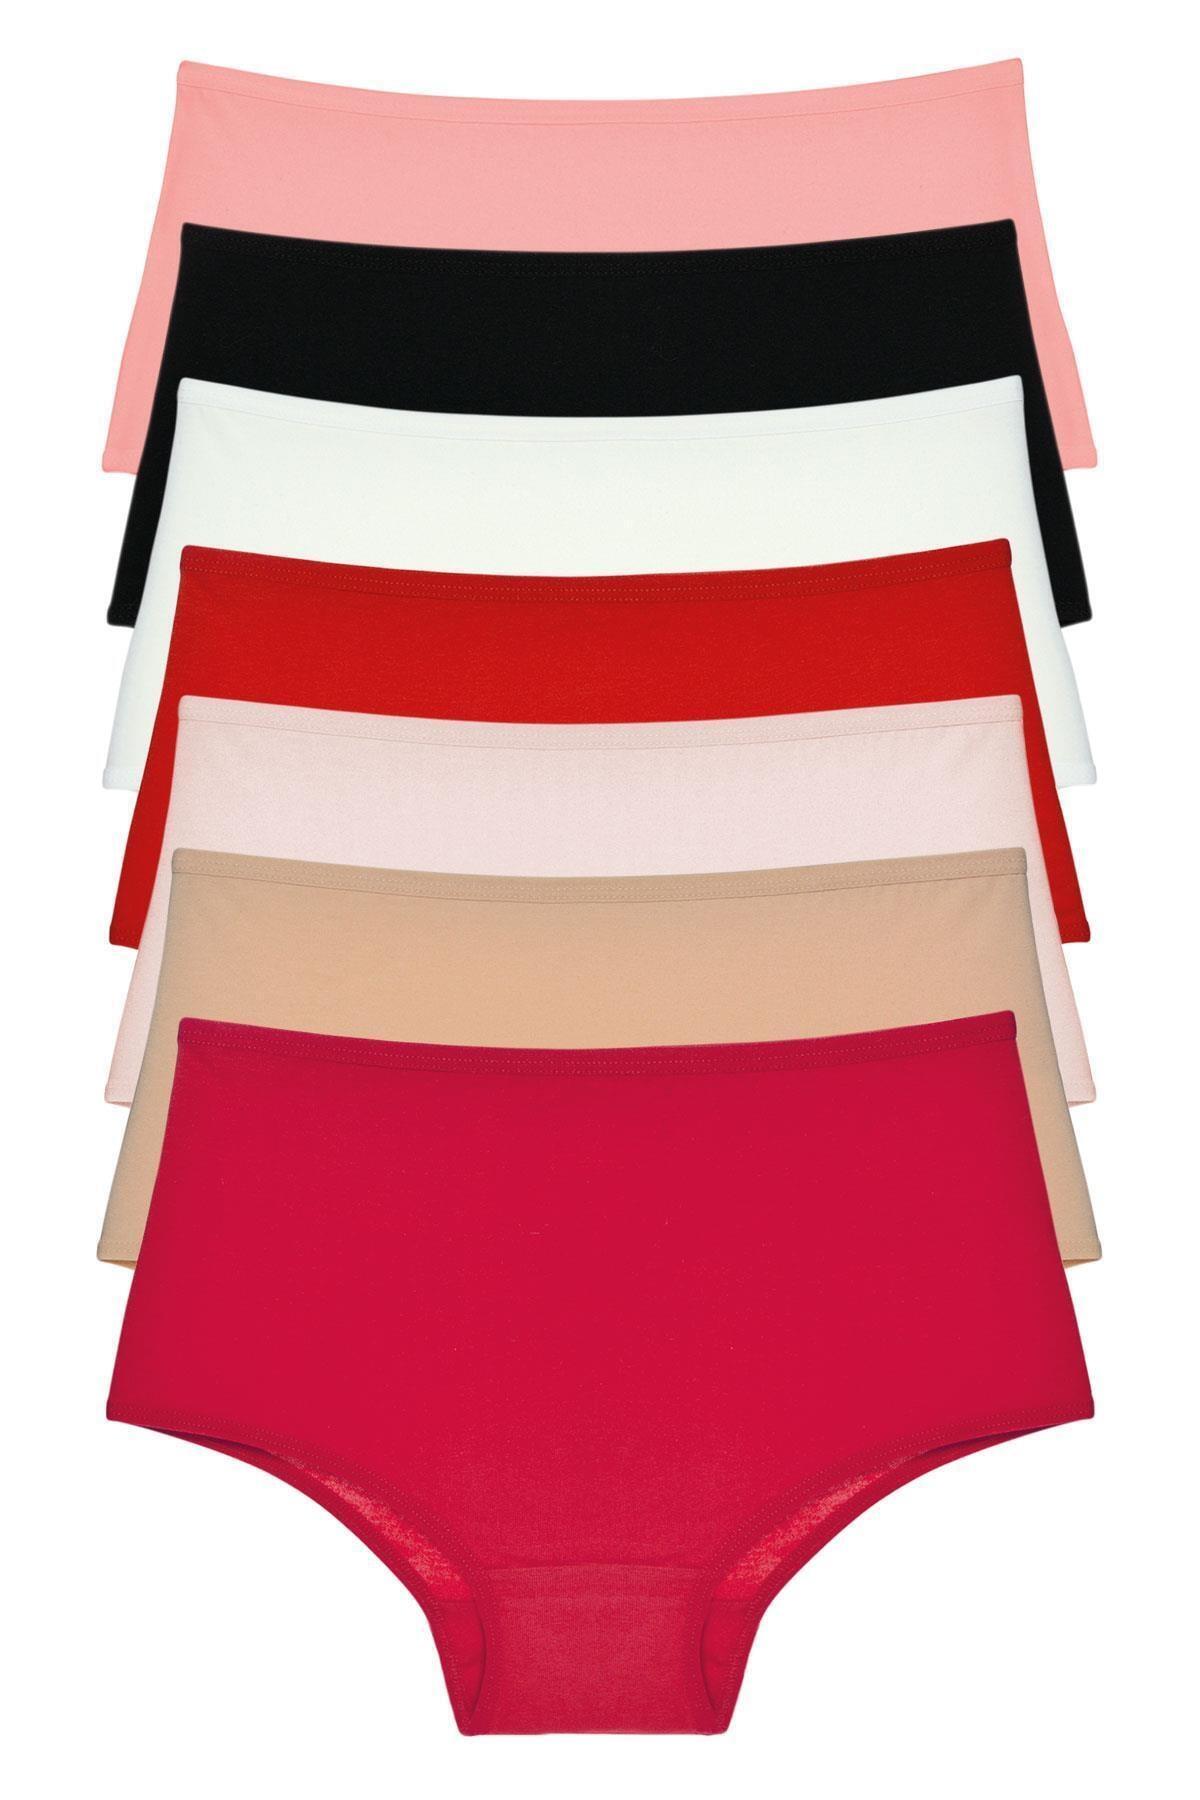 LadyMelex Kadın Çok Renkli Yüksek Bel Büyük Beden Külot 7'li Paket 1